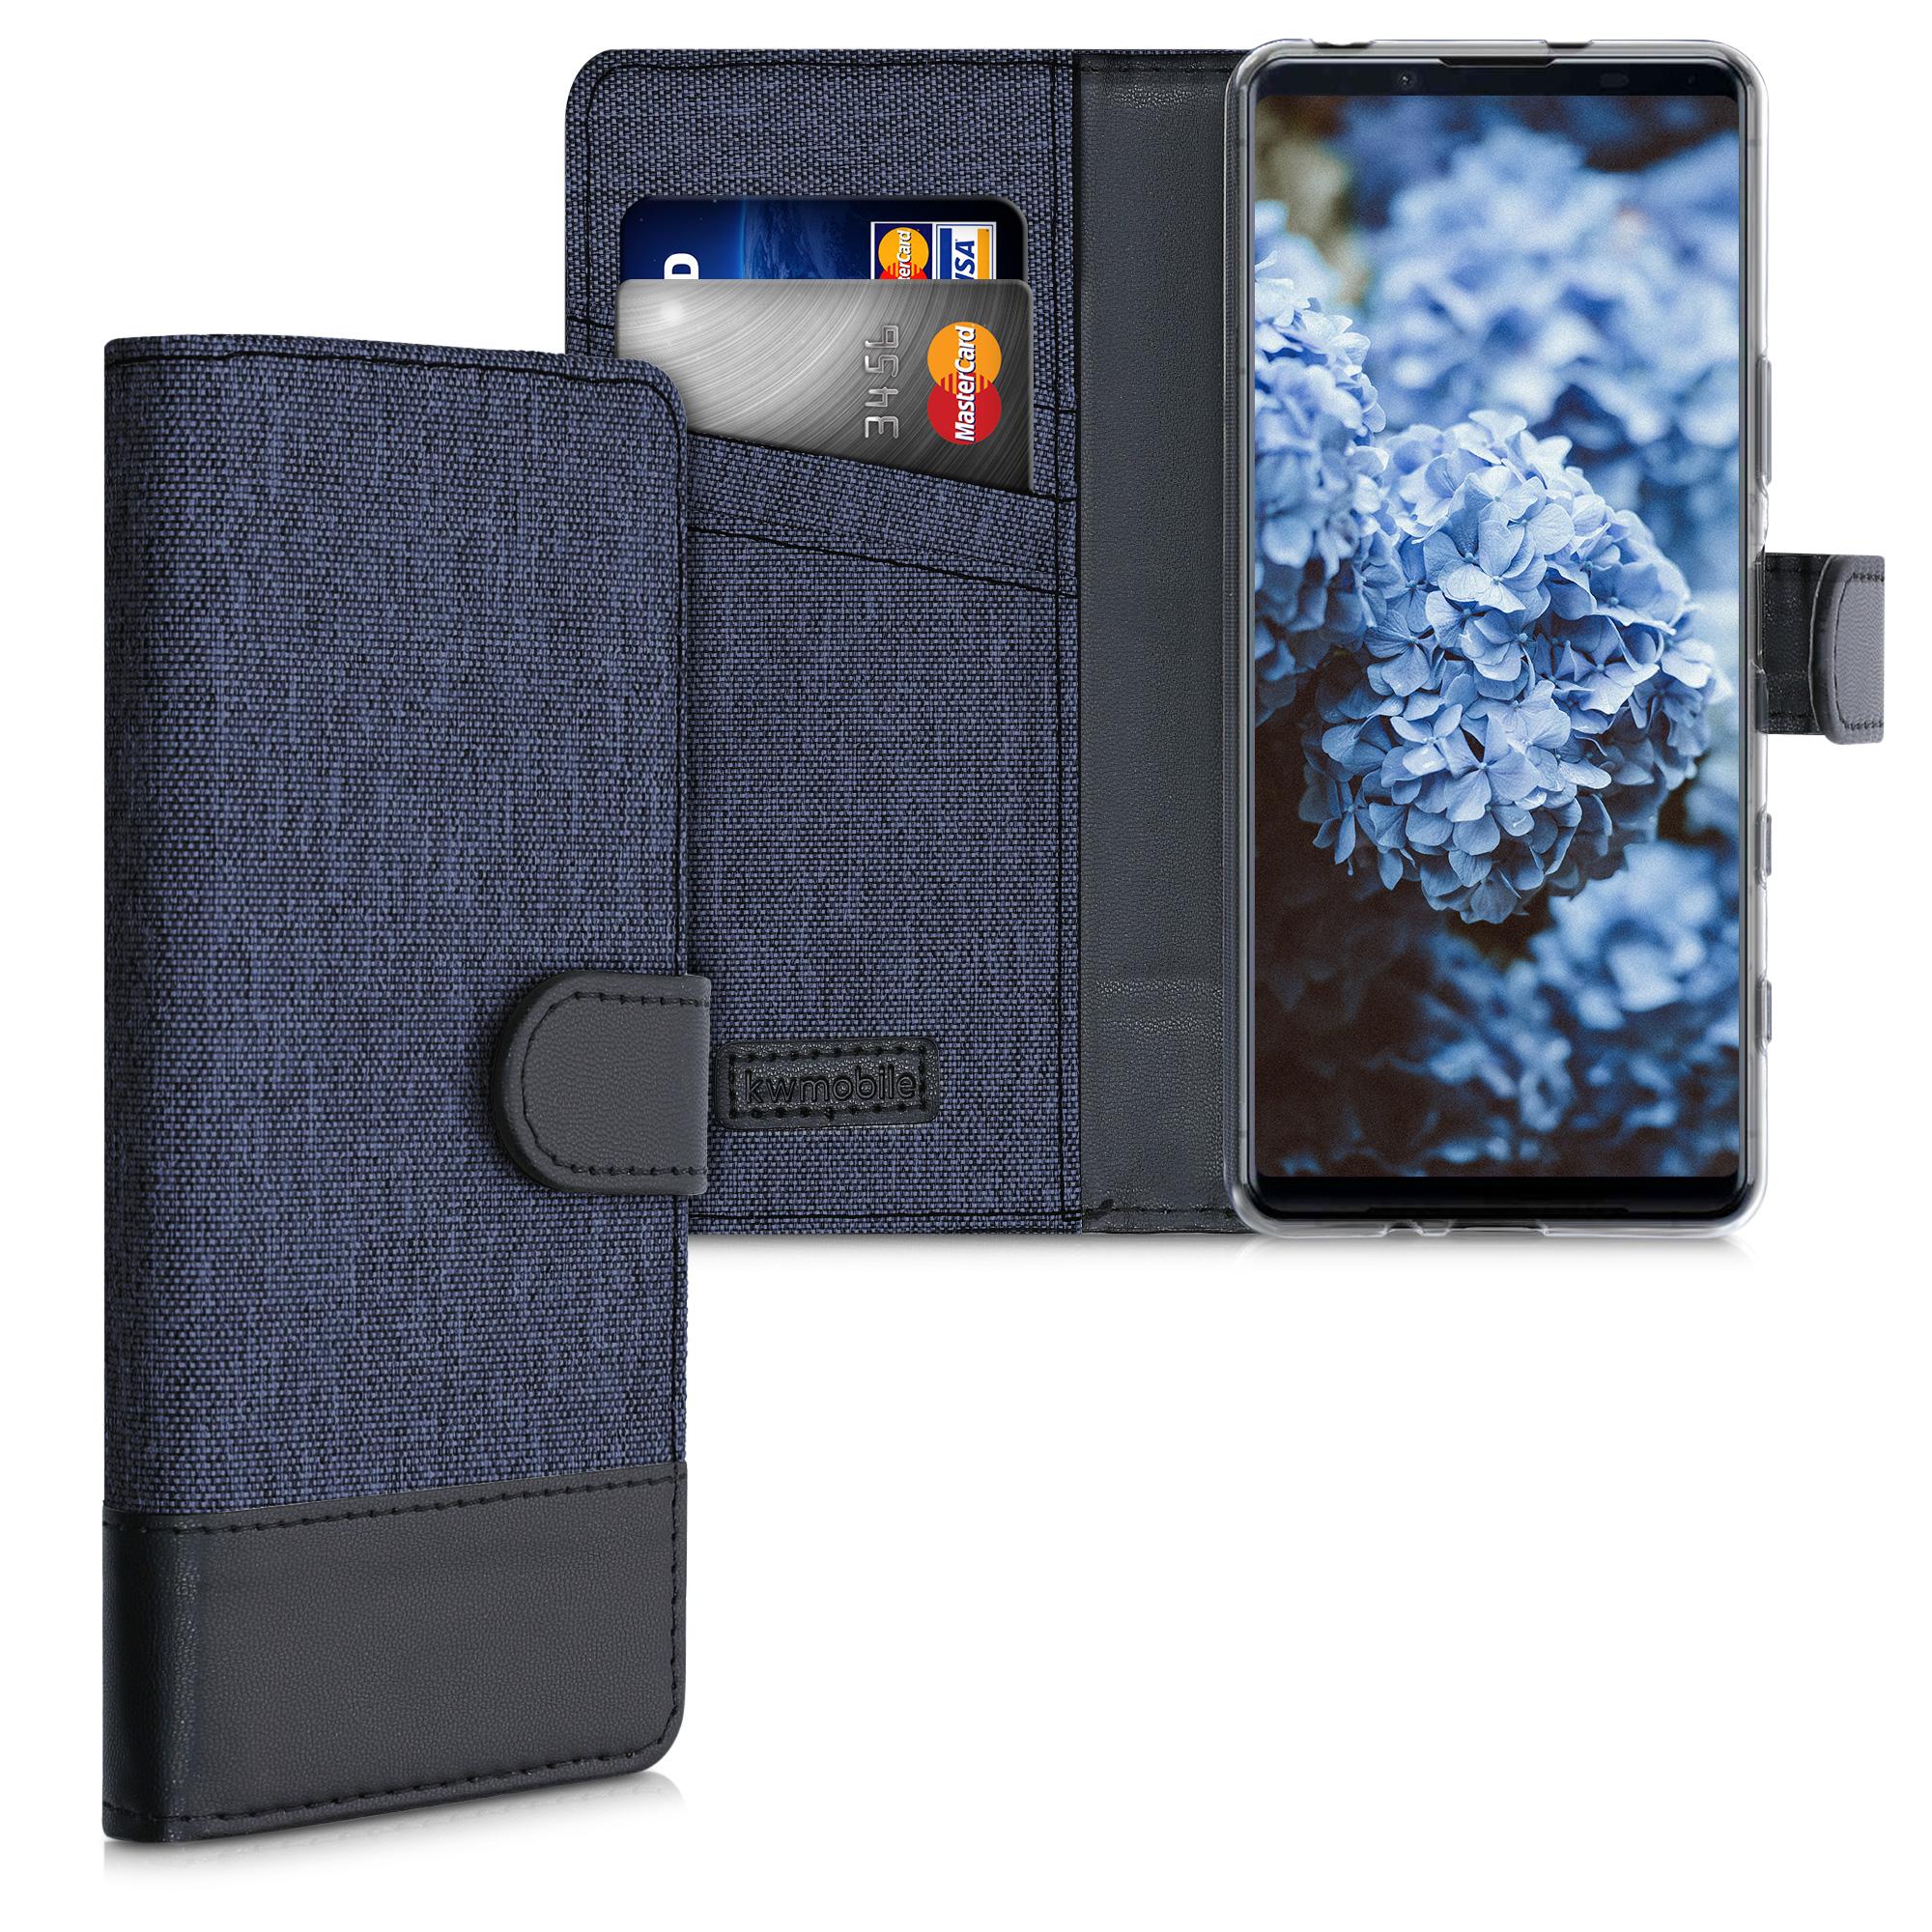 Textilní látkové pouzdro | obal pro Sony Xperia 5 II - tmavé modré / černé